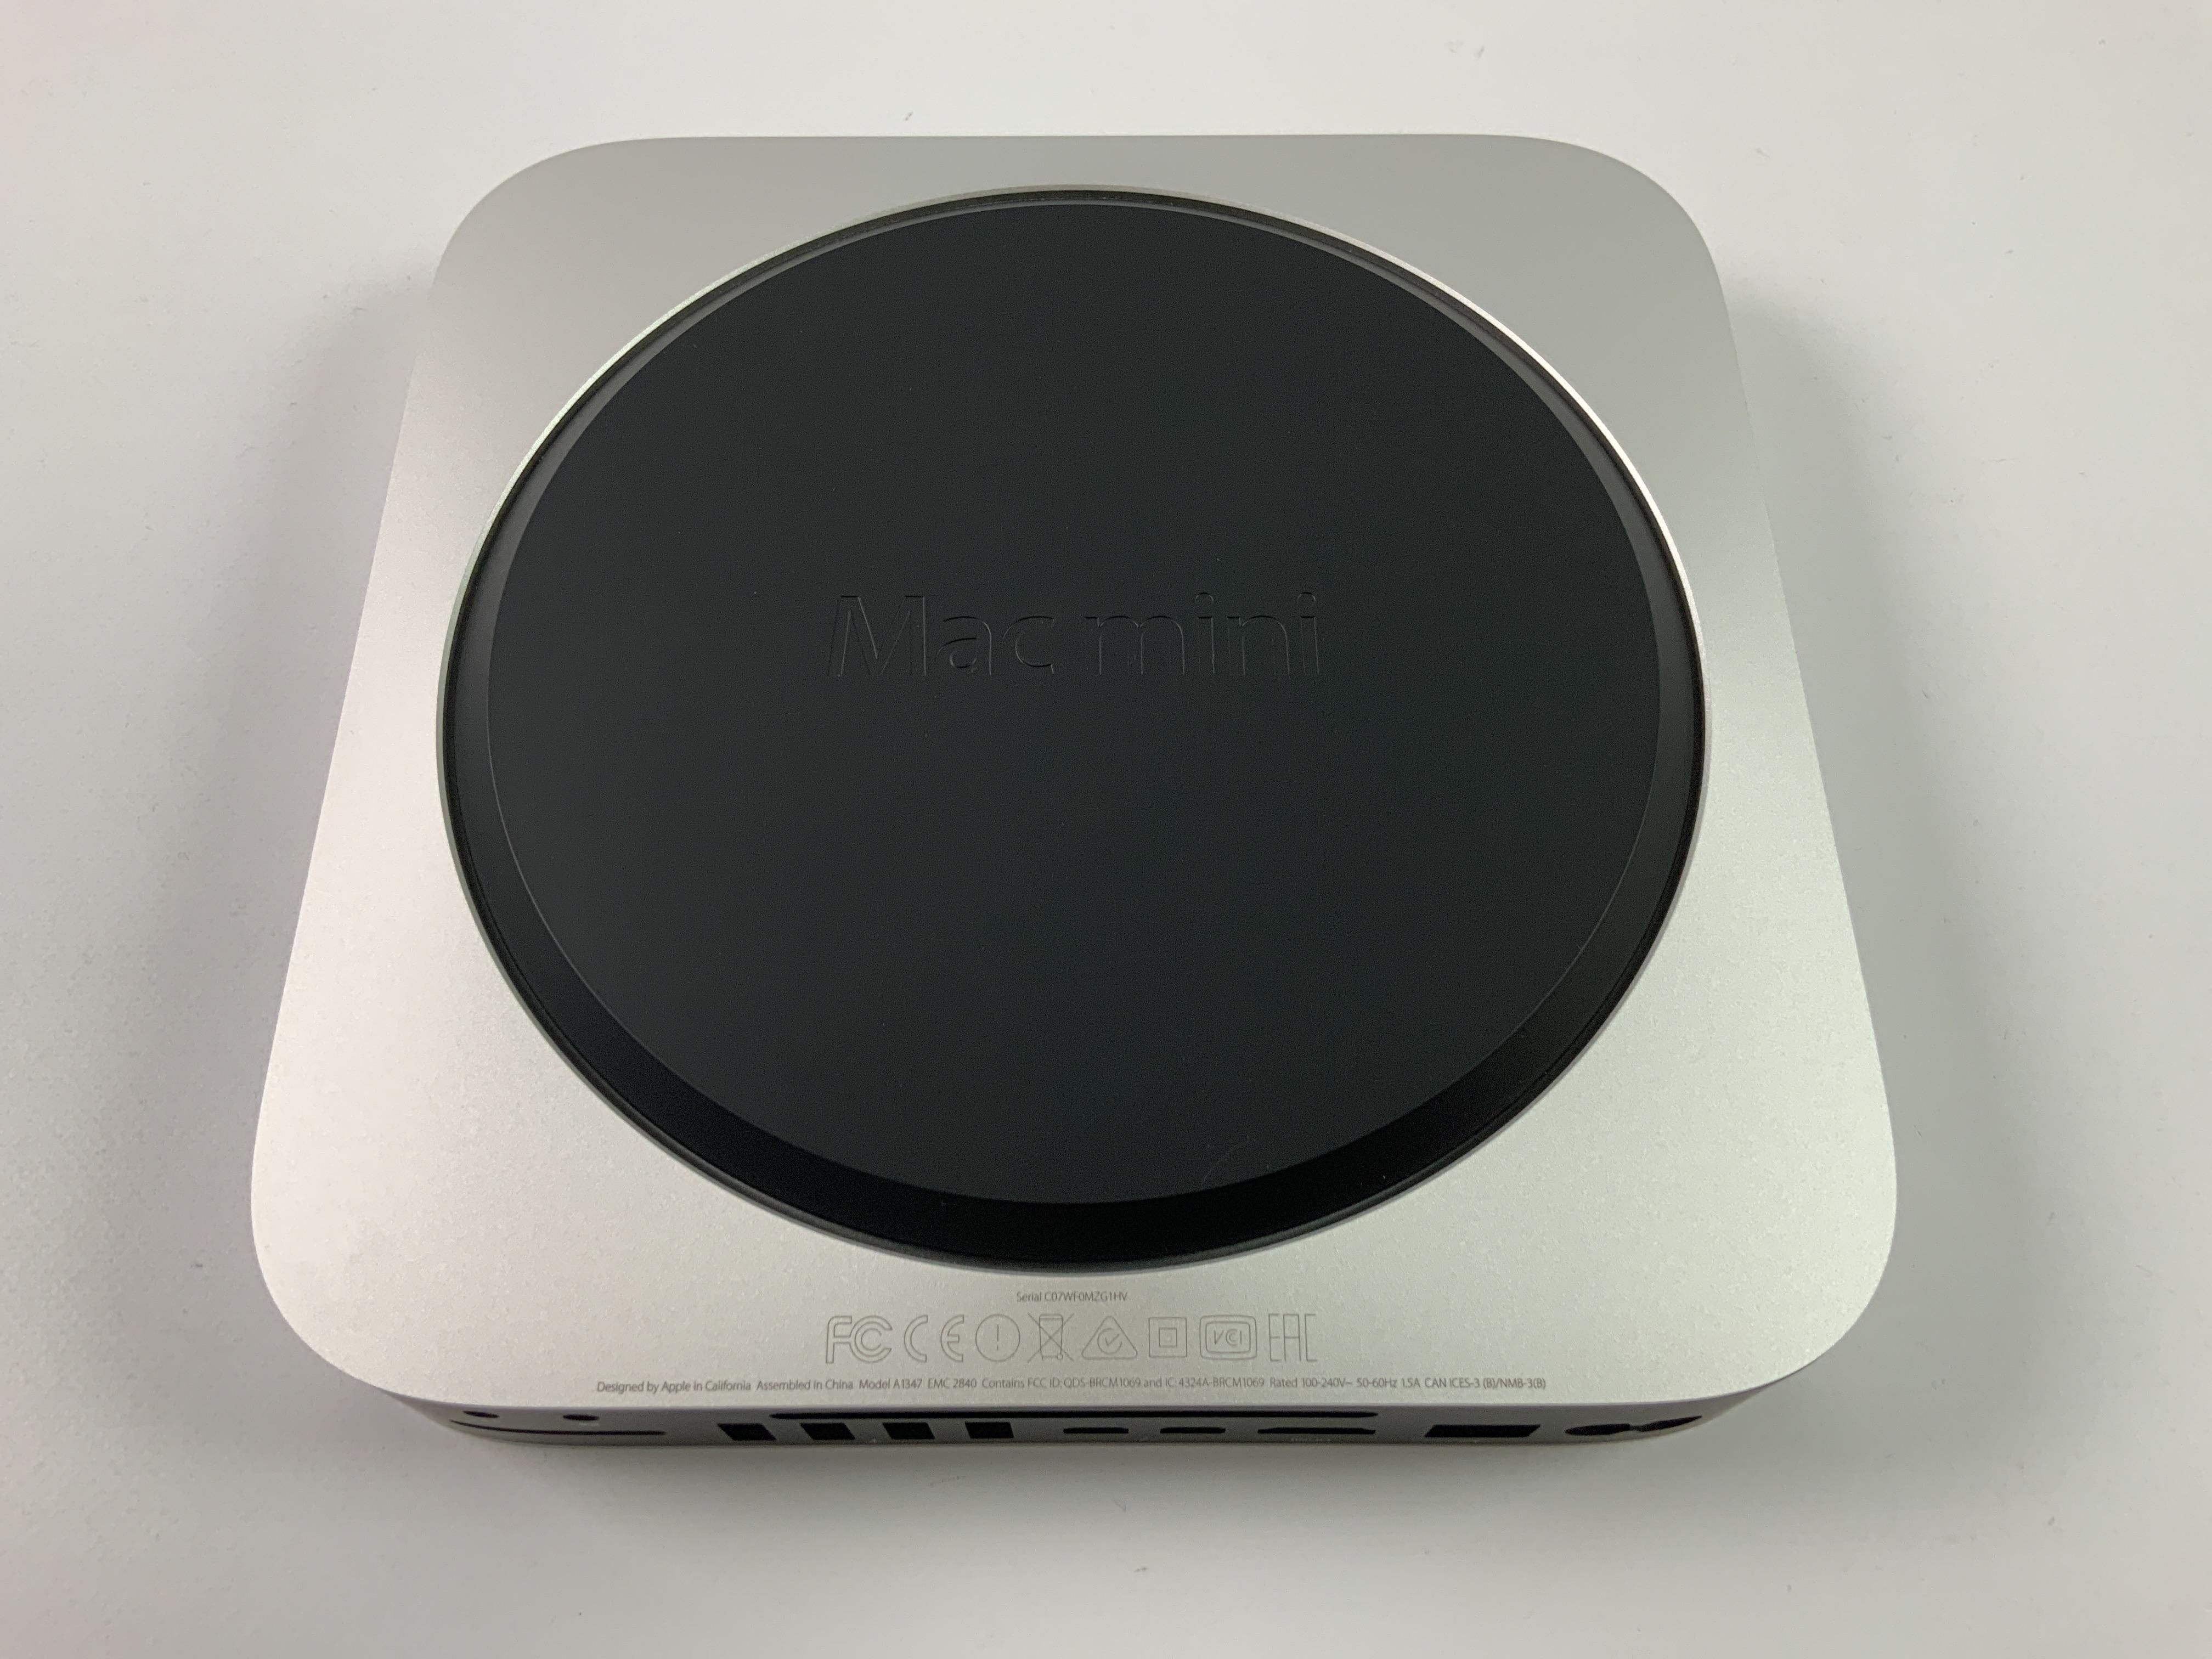 Mac Mini Late 2014 (Intel Core i5 1.4 GHz 4 GB RAM 500 GB HDD), Intel Core i5 1.4 GHz, 4 GB RAM, 500 GB HDD, Kuva 1